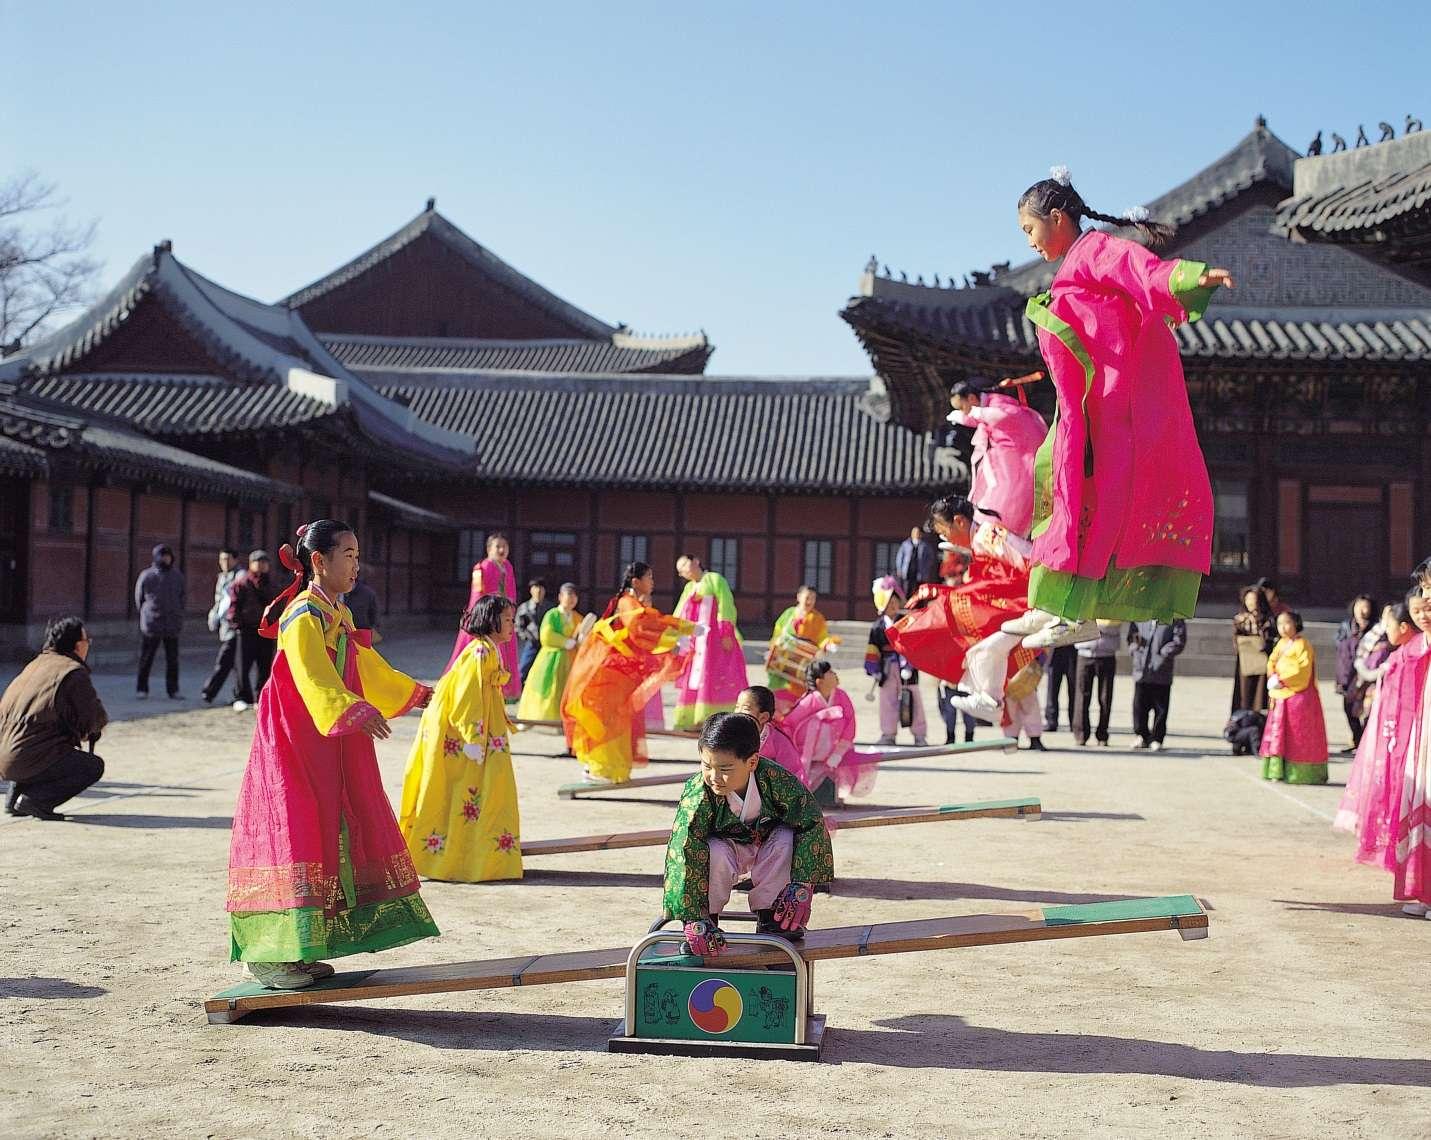 Hàn Quốc là điểm đến yêu thích của du khách quốc tế